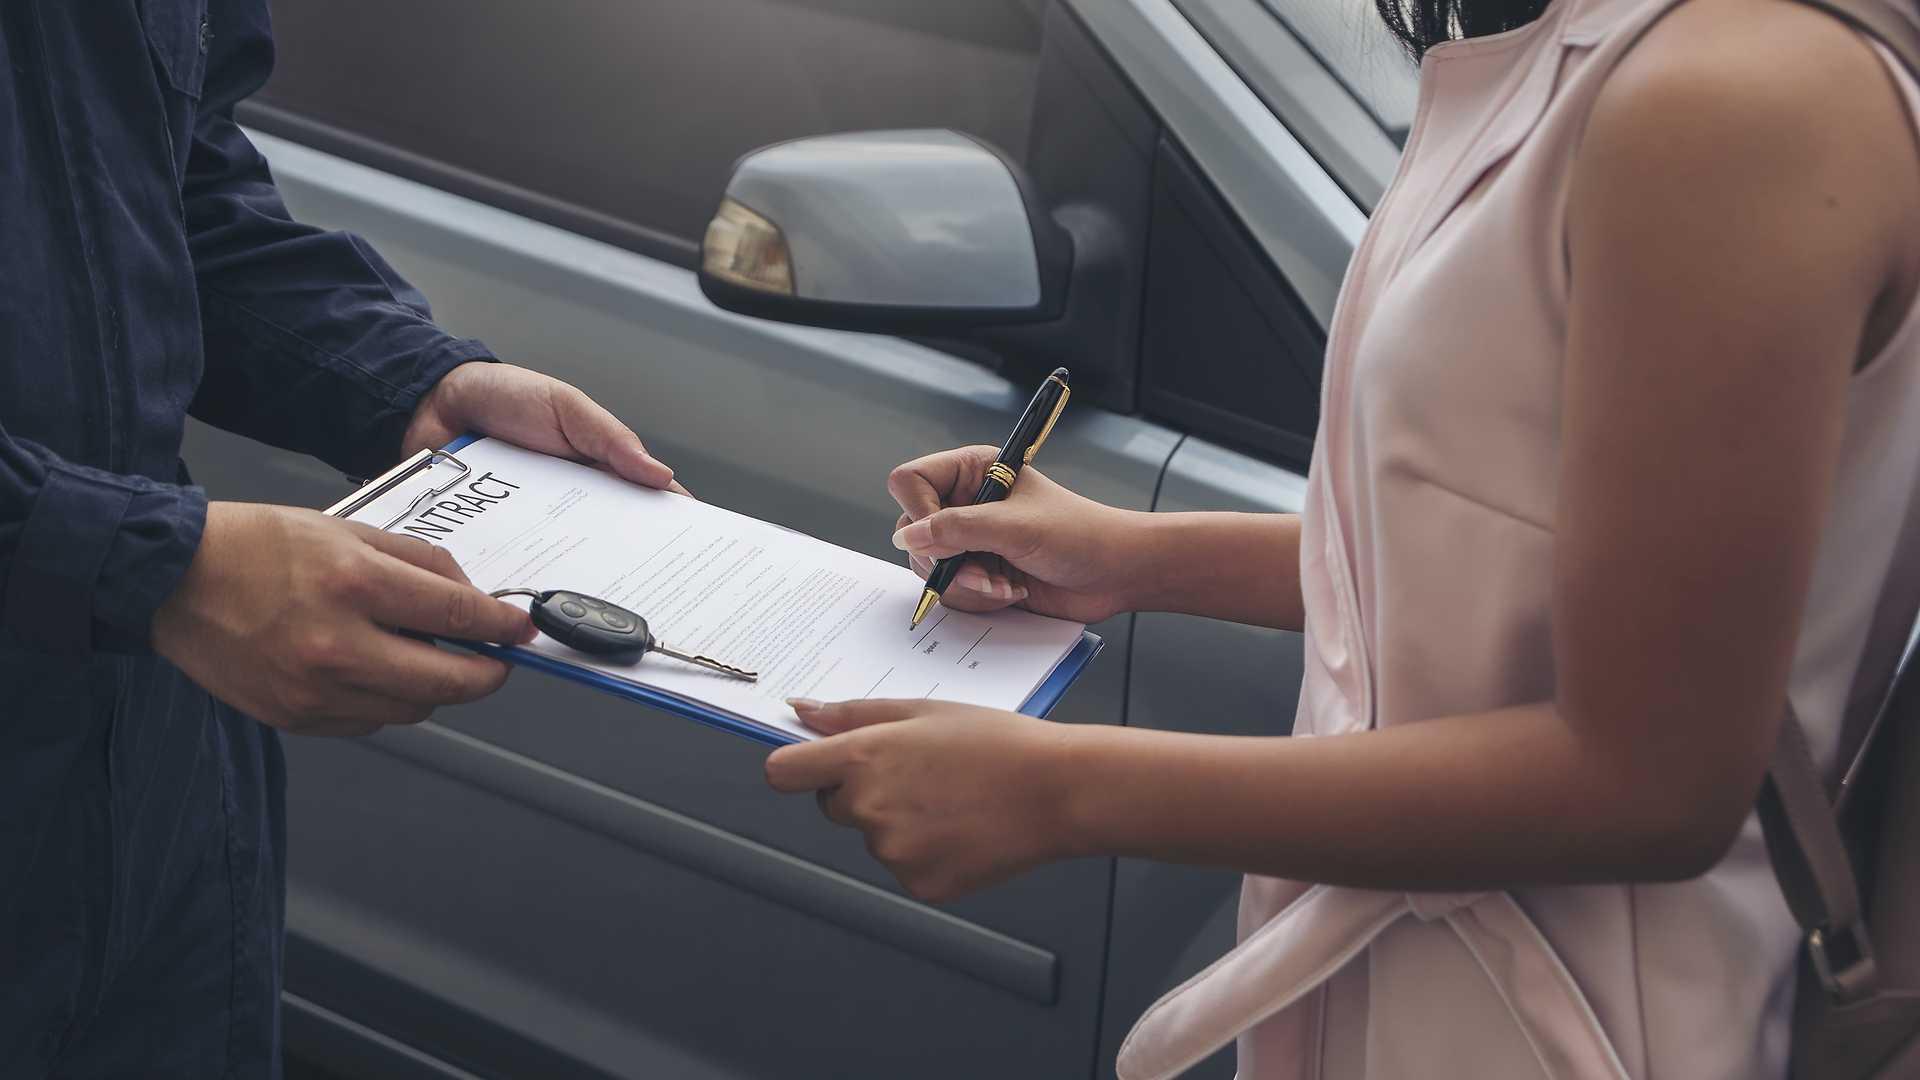 Аренда машины в италии: советы и рекомендации | italiatut